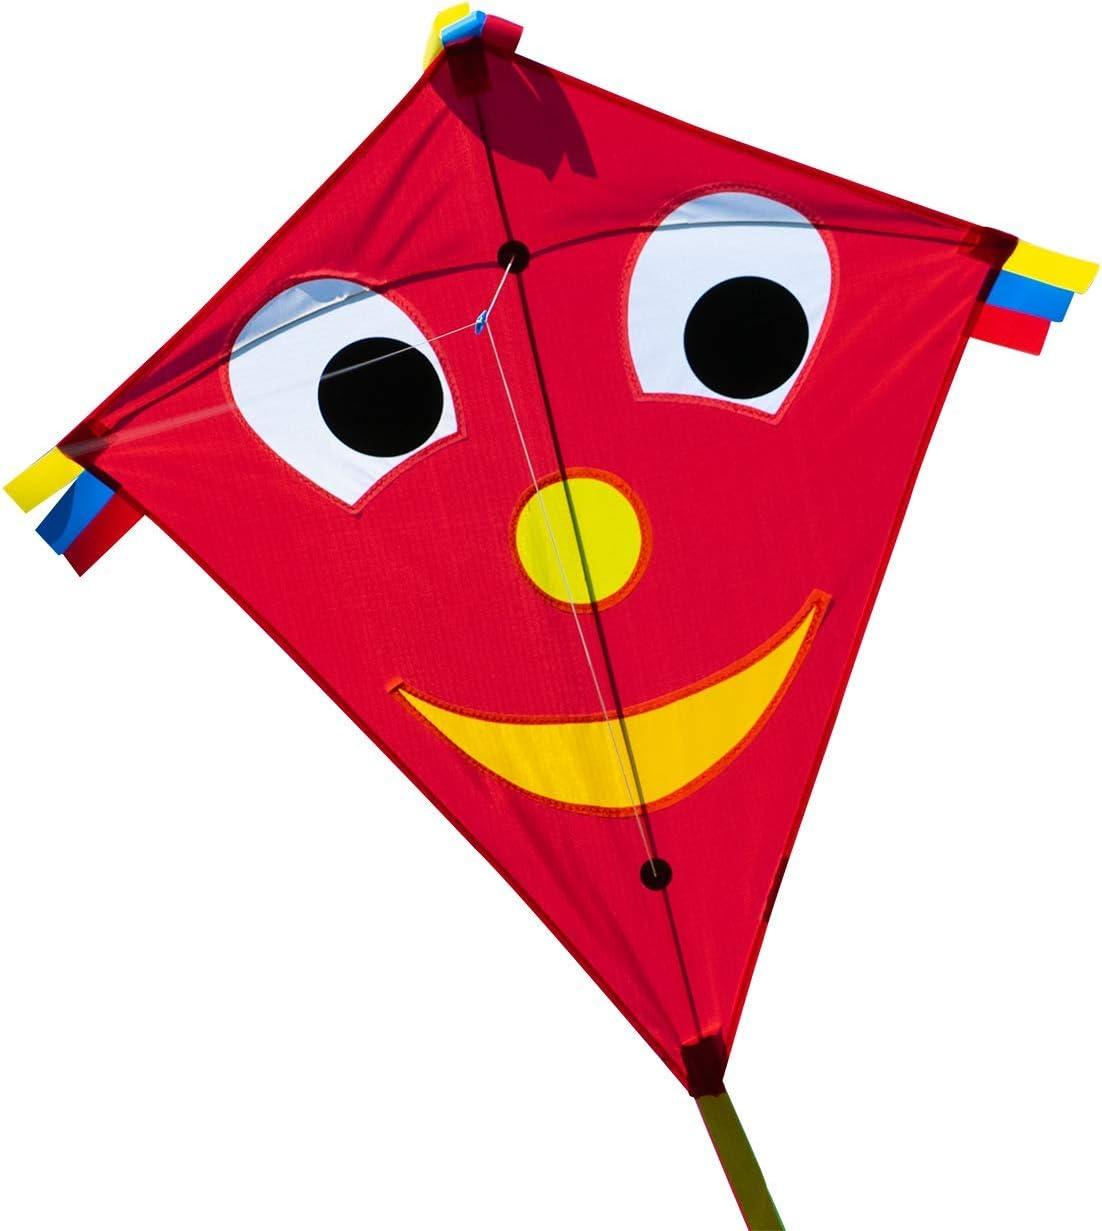 CIM Cometa - Happy Eddy Red - por niños con Edad a Partir de 3 años - 67x70cm - Cordón y Cola de la Cometa incluidos